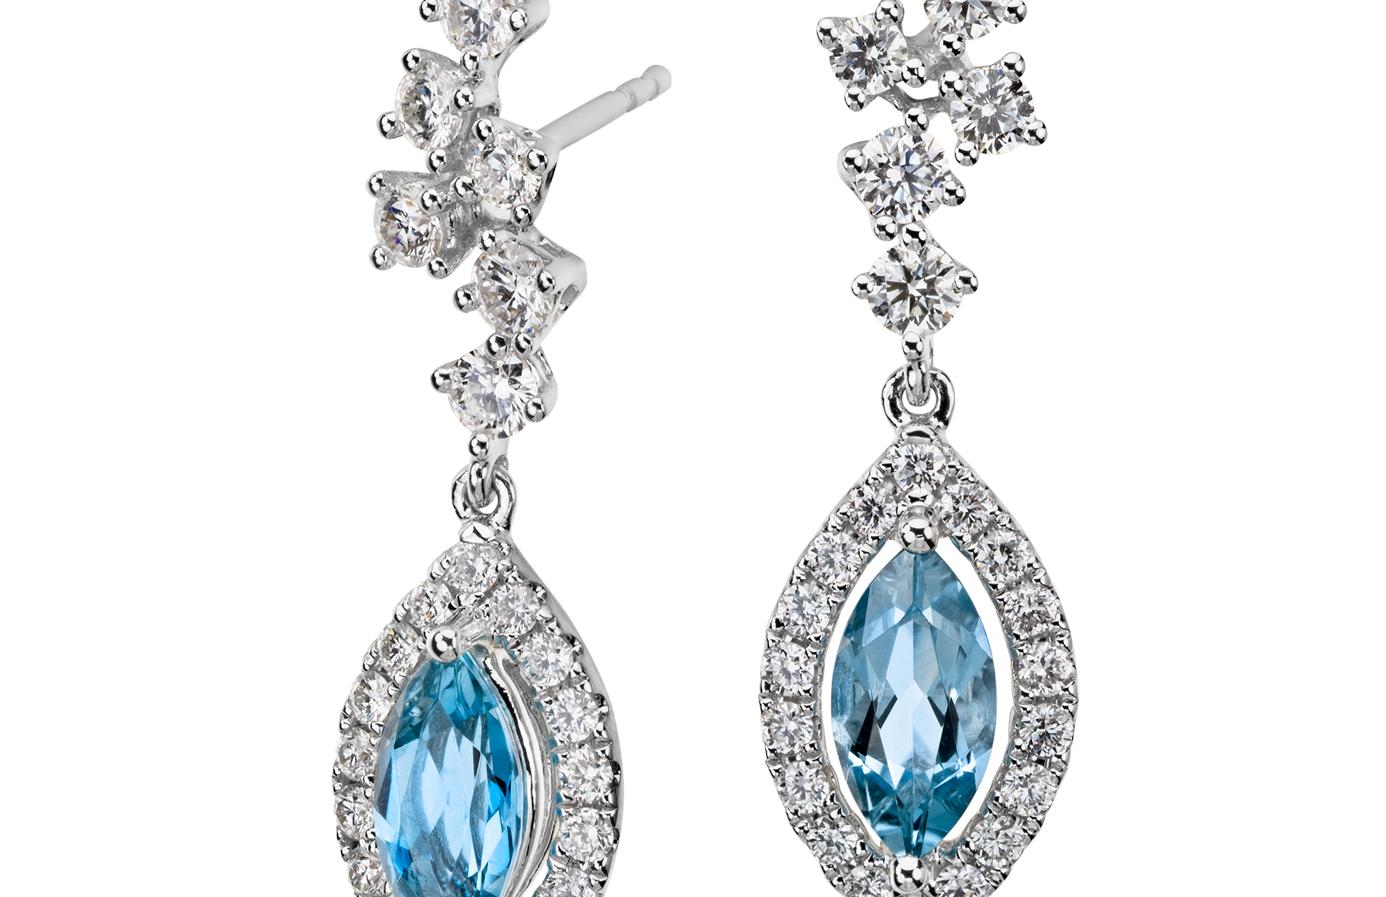 Aretes colgantes de diamantes y aguamarina en oro blanco de 18 k (8mmx4mm)